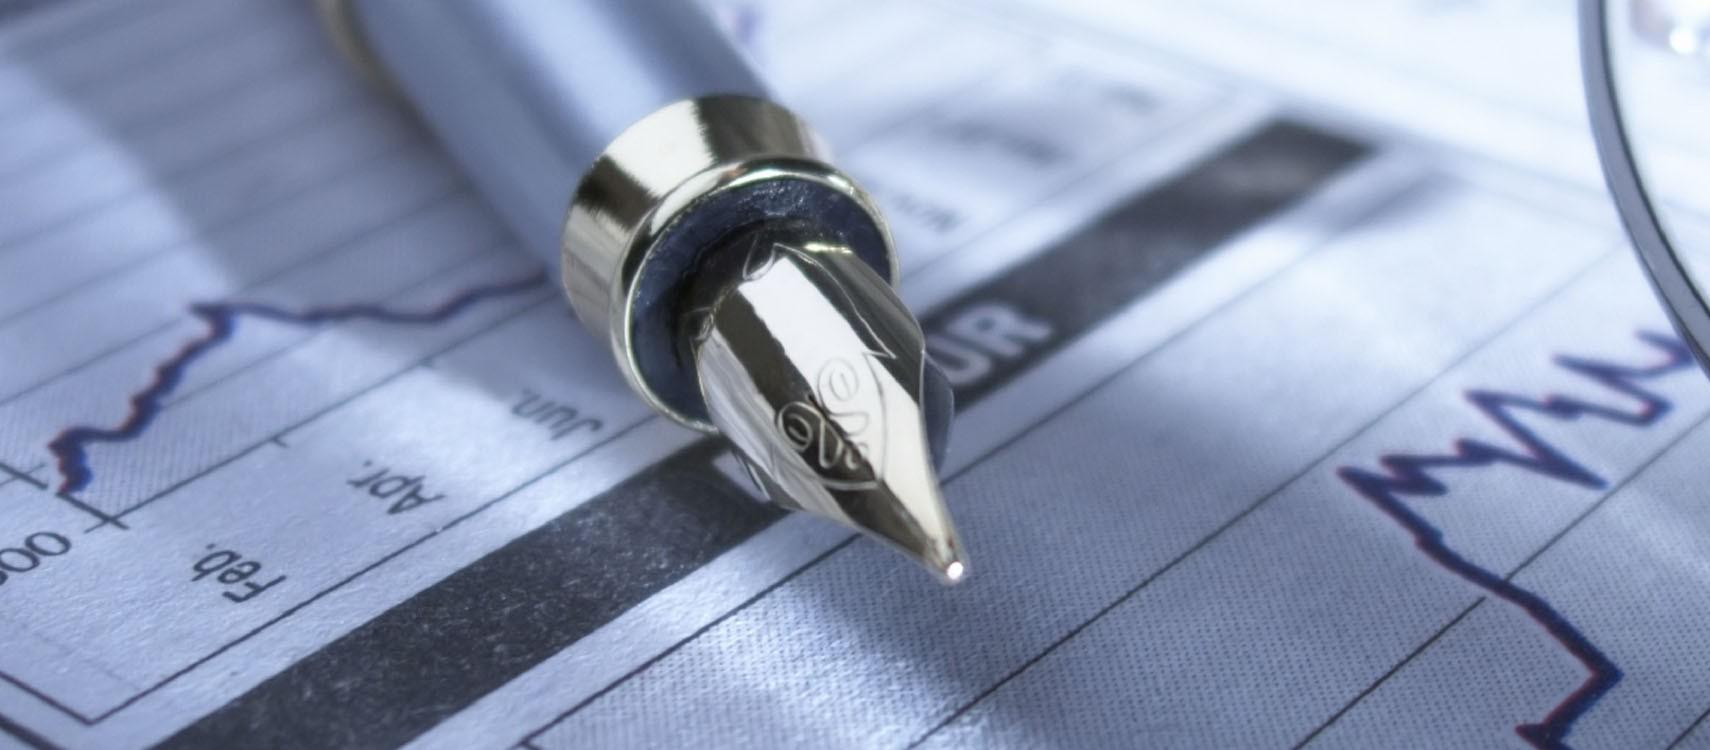 Nuestro departamento de asesoría fiscal y contable le ofrece soluciones profesionales y altamente eficaces incluyendo, no sólo la presentación de los documentos fiscales ante la Administración, sino asesoramiento real para la reducción de su factura fiscal.